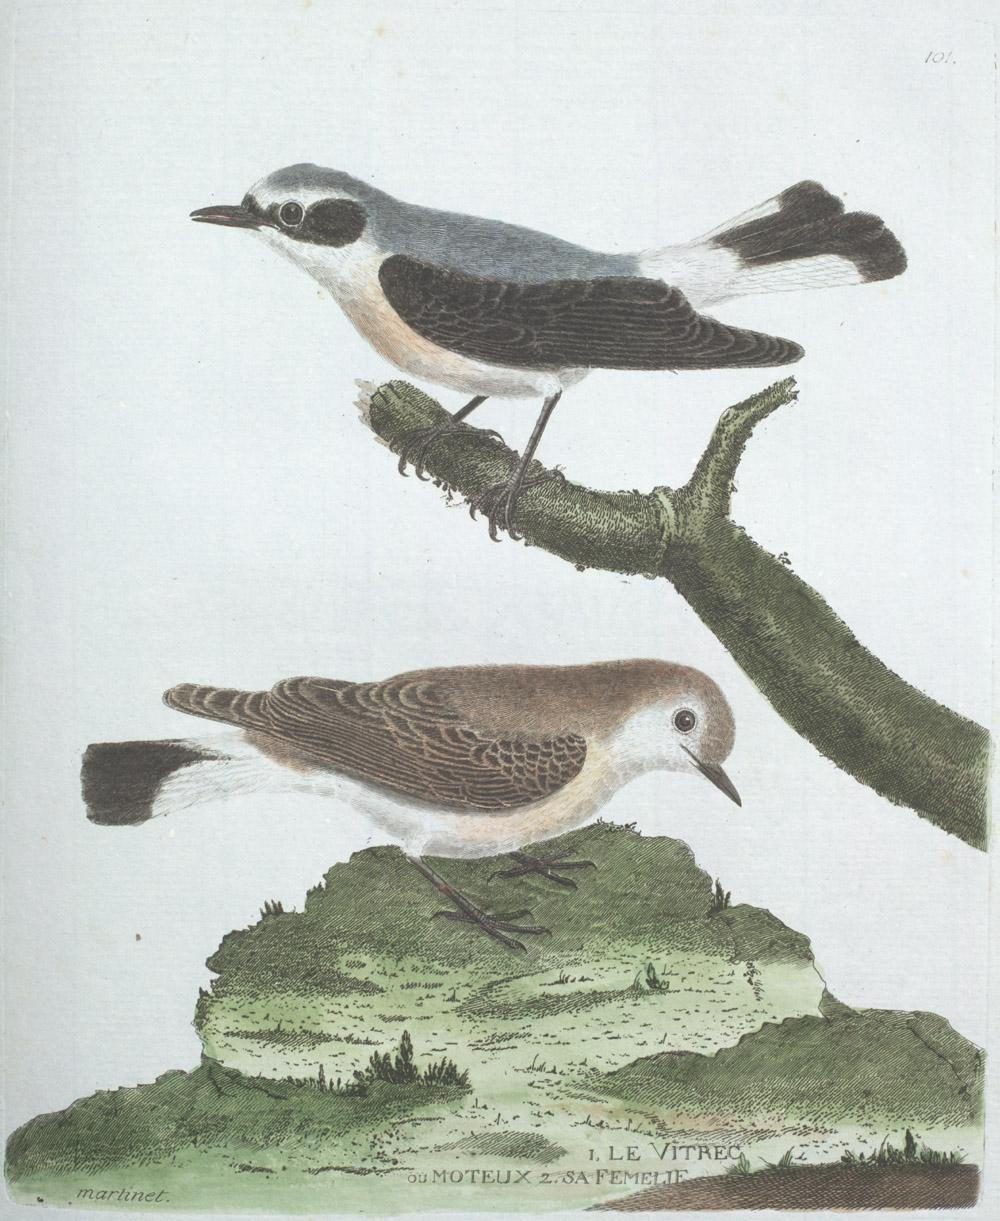 Plate 101: 1. Le Vitrec ou Moteux. 2. Sa Femelle,  Image number:SIL13-1-207b